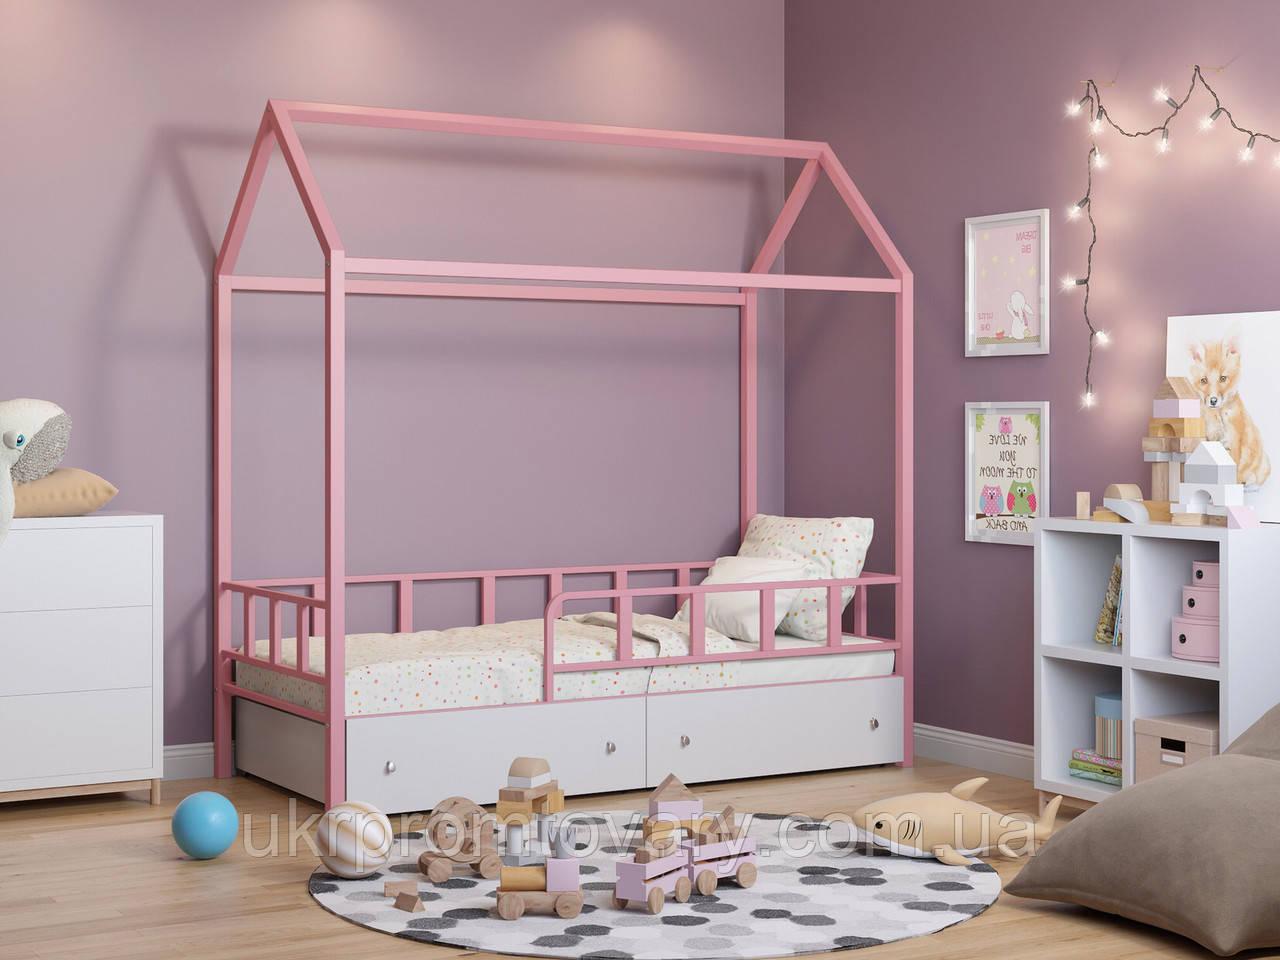 Ліжко-будиночок Річчі рожевий з ящиками білий у Києві, натуральне дерево, якість